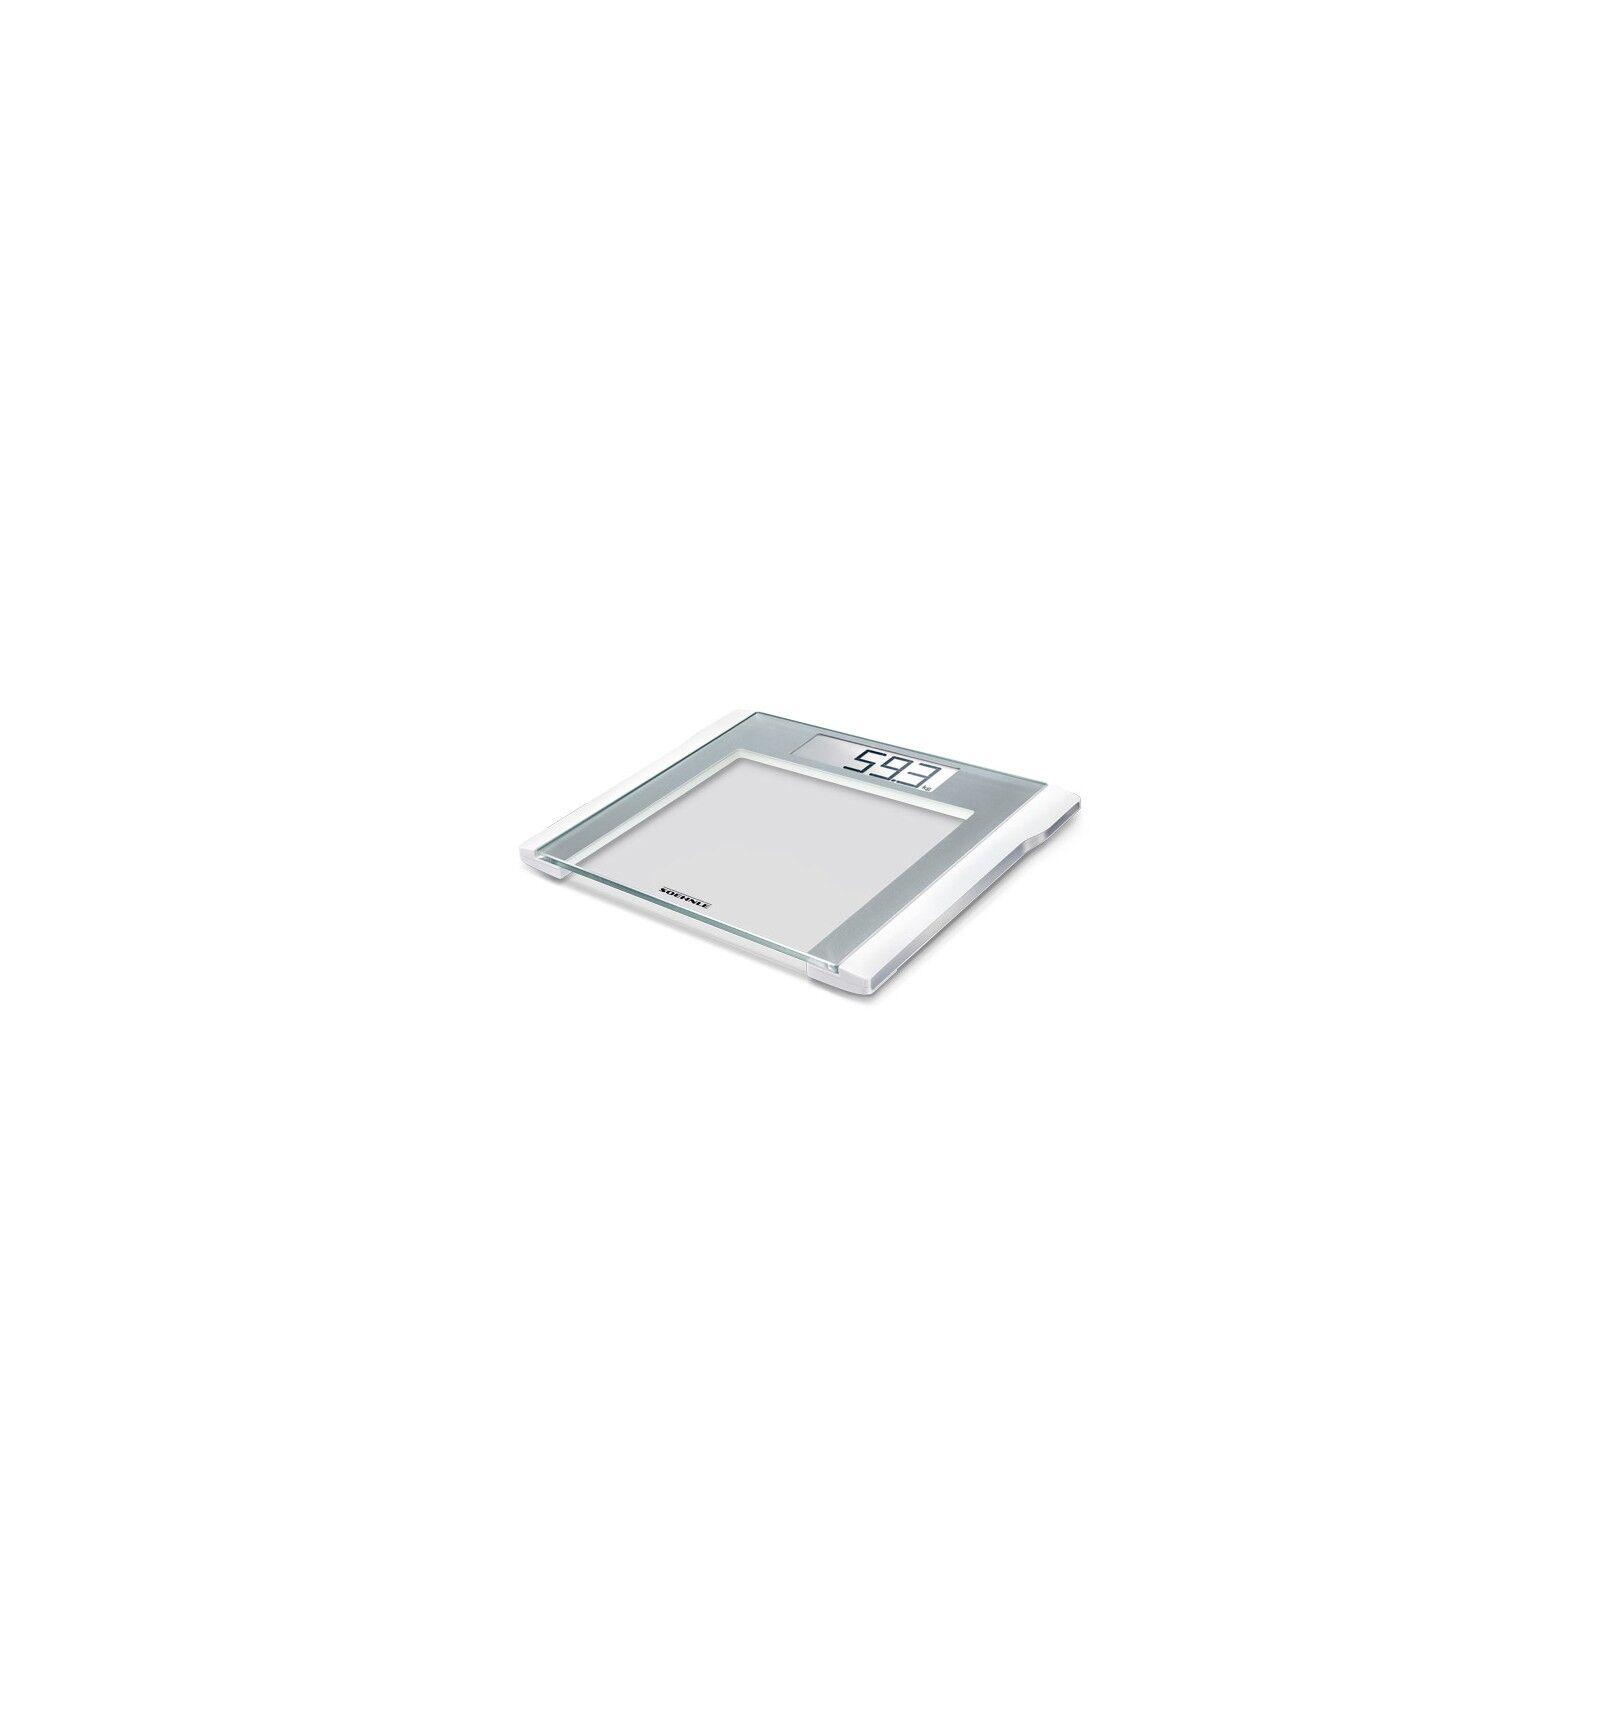 Soehnle Comfort 200 Sähkökäyttöinen henkilövaaka Neliö Hopea, Valkoinen